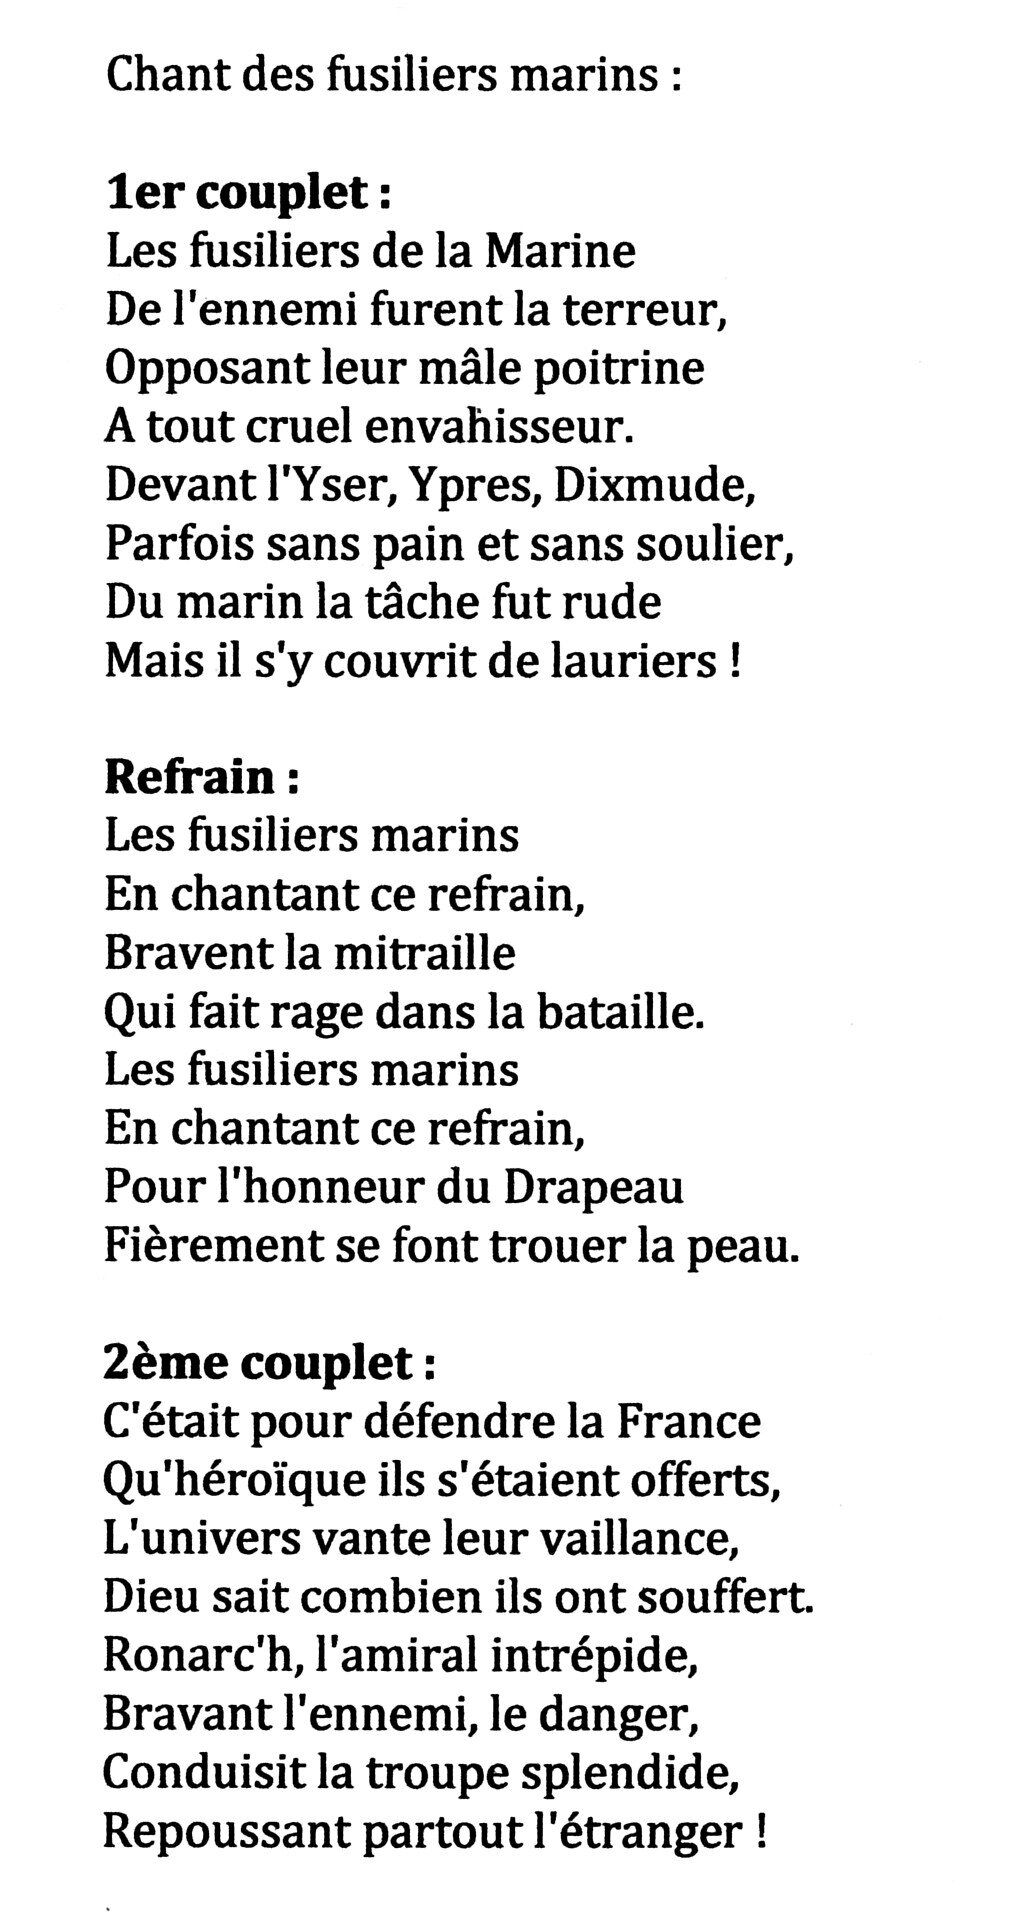 Pour La France En Danger : france, danger, Chansons, Fusiliers, Marins, Commandos, Marine